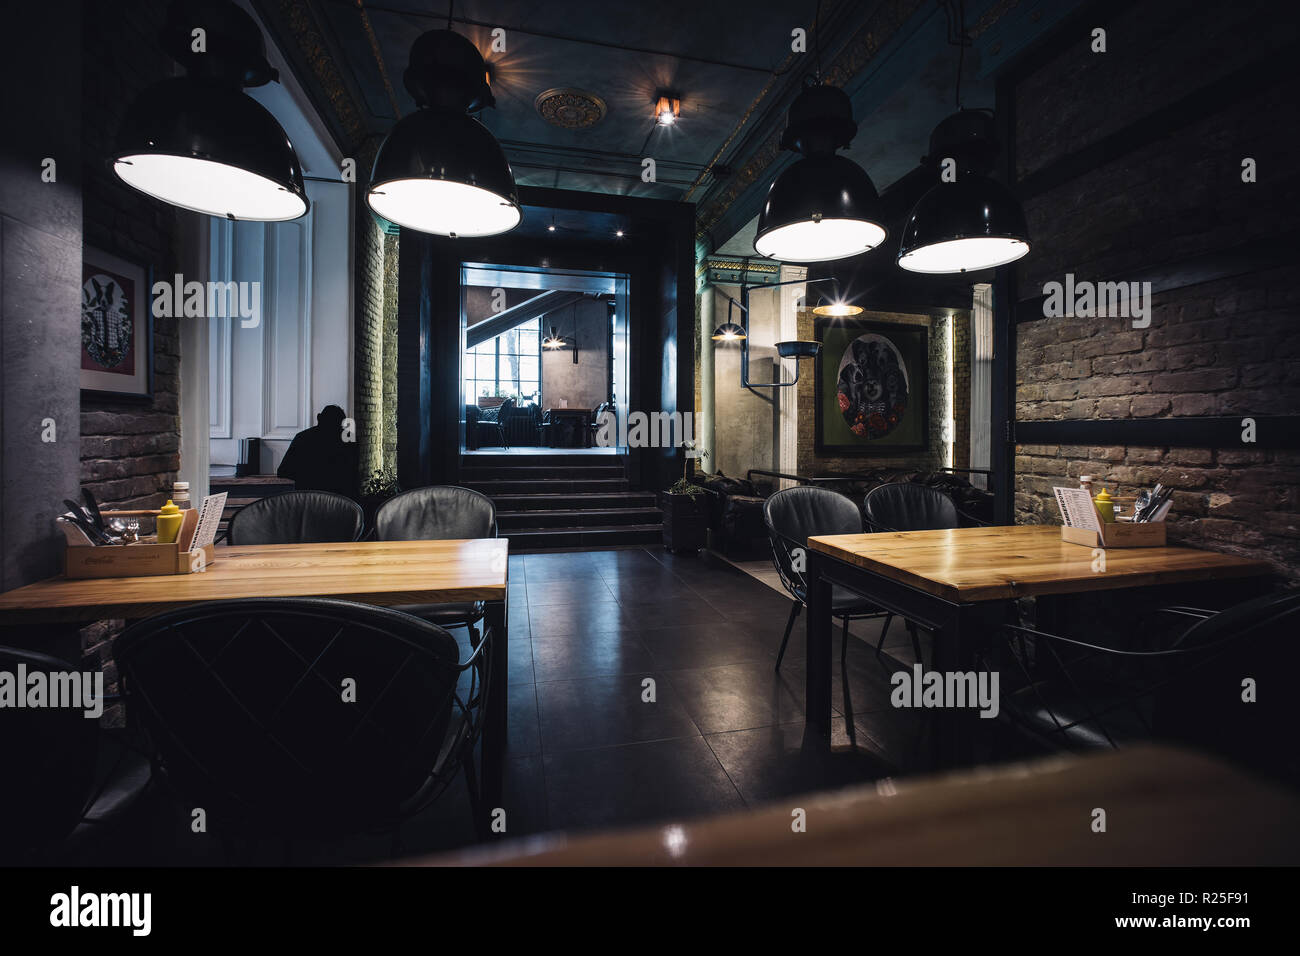 Moderne Loft Restaurant Interieur mit klassischen Akzenten ...